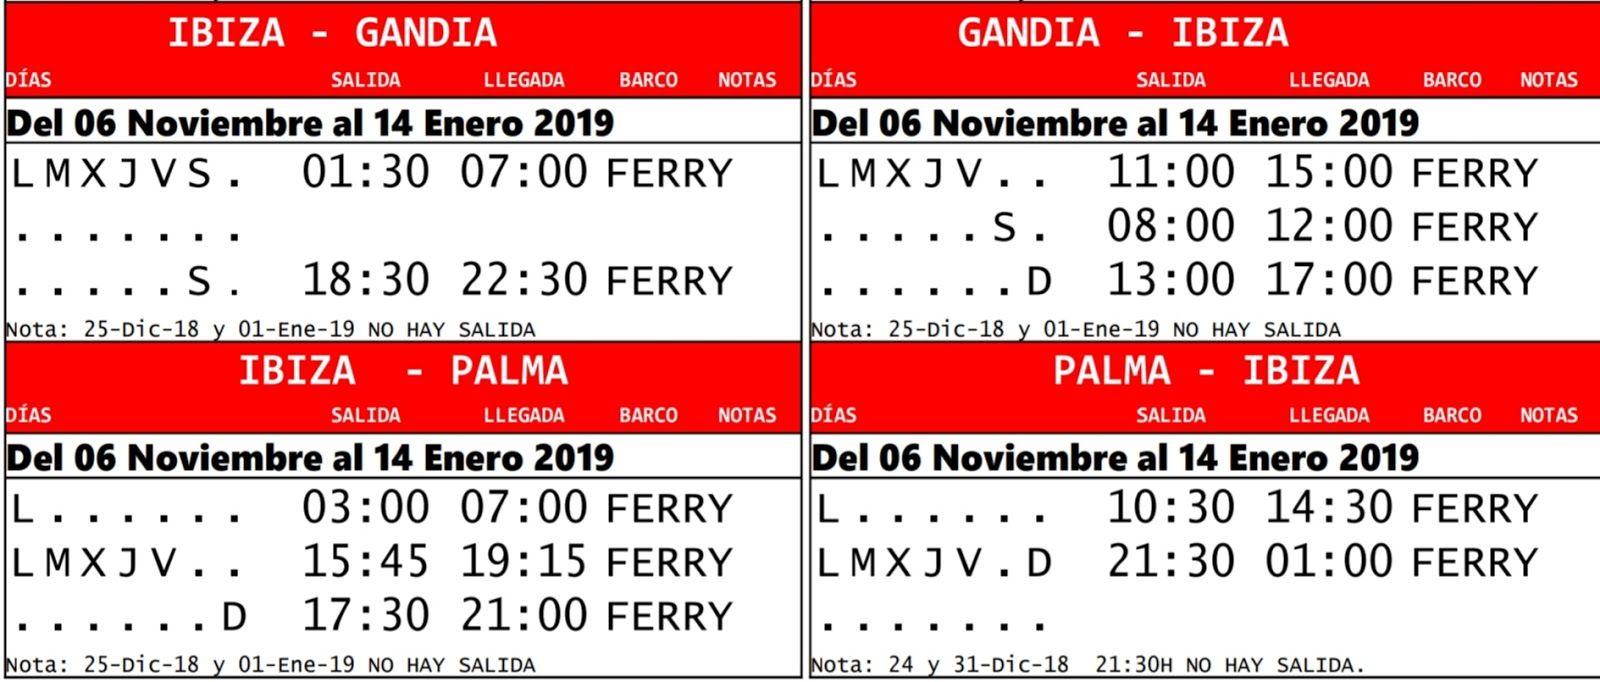 Tabla de horarios por tramos de la línea Gandía-Ibiza-Palma